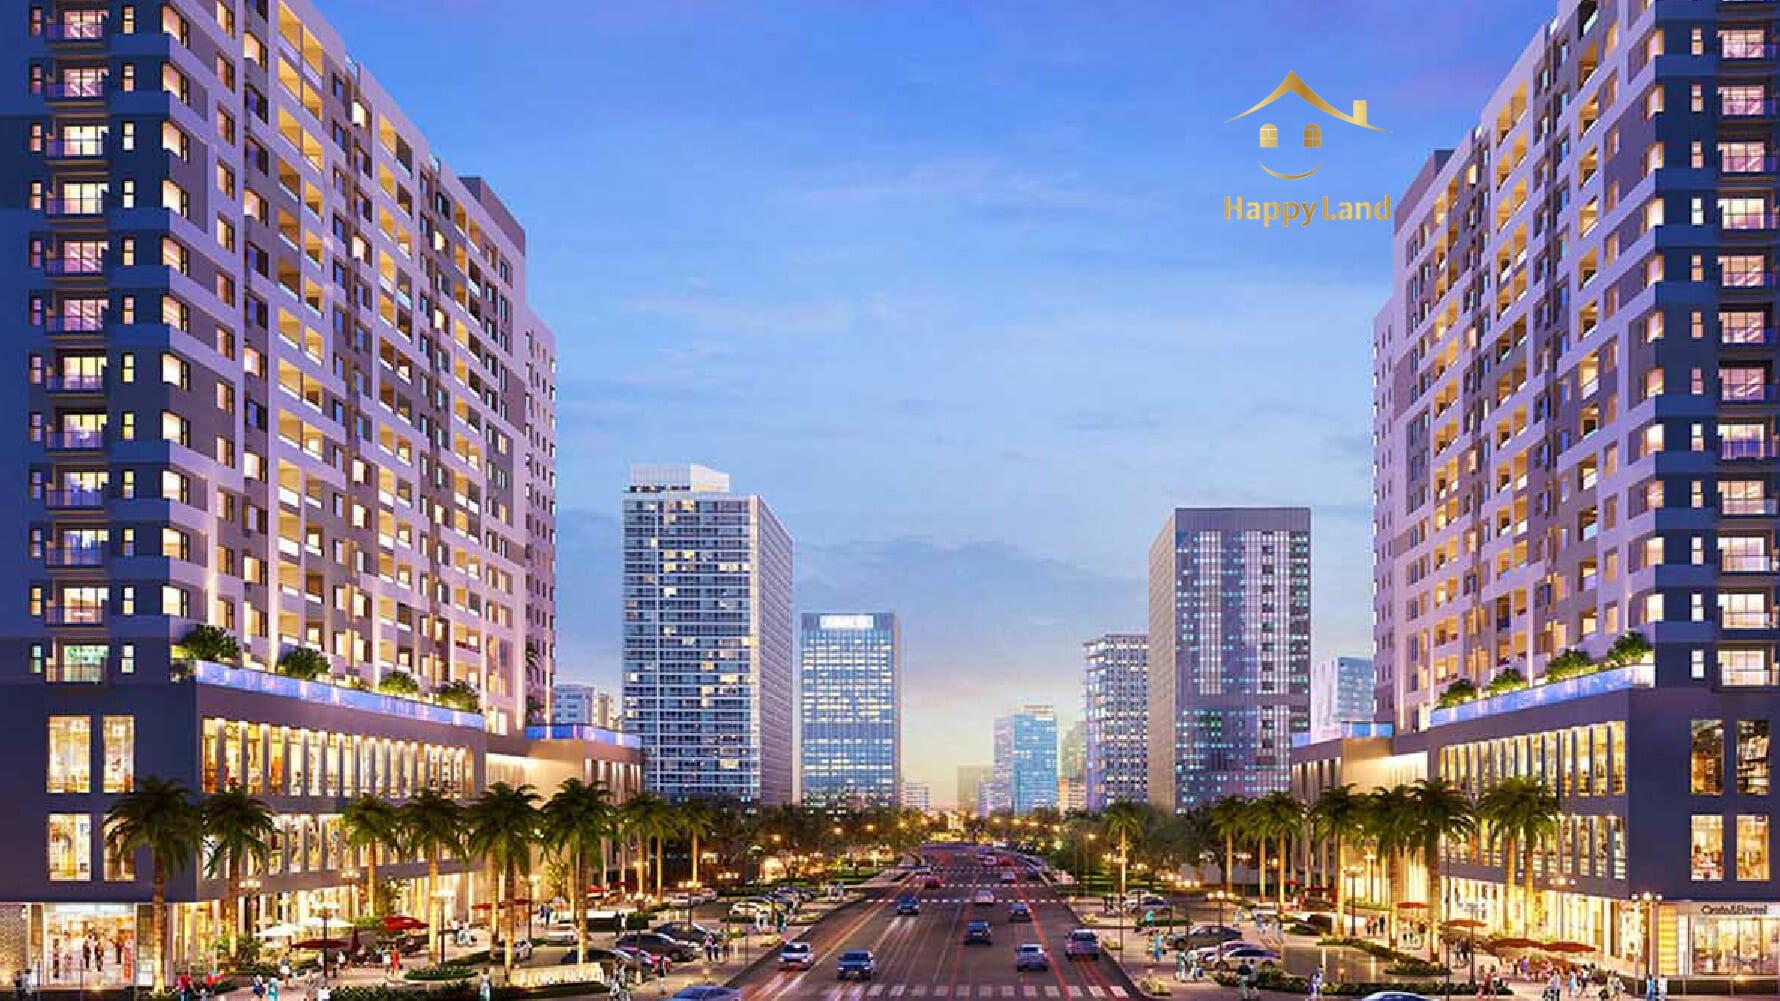 Căn hộ TP Thủ Đức đang là tâm điểm đầu tư trong thị trường bất động sản hiện nay